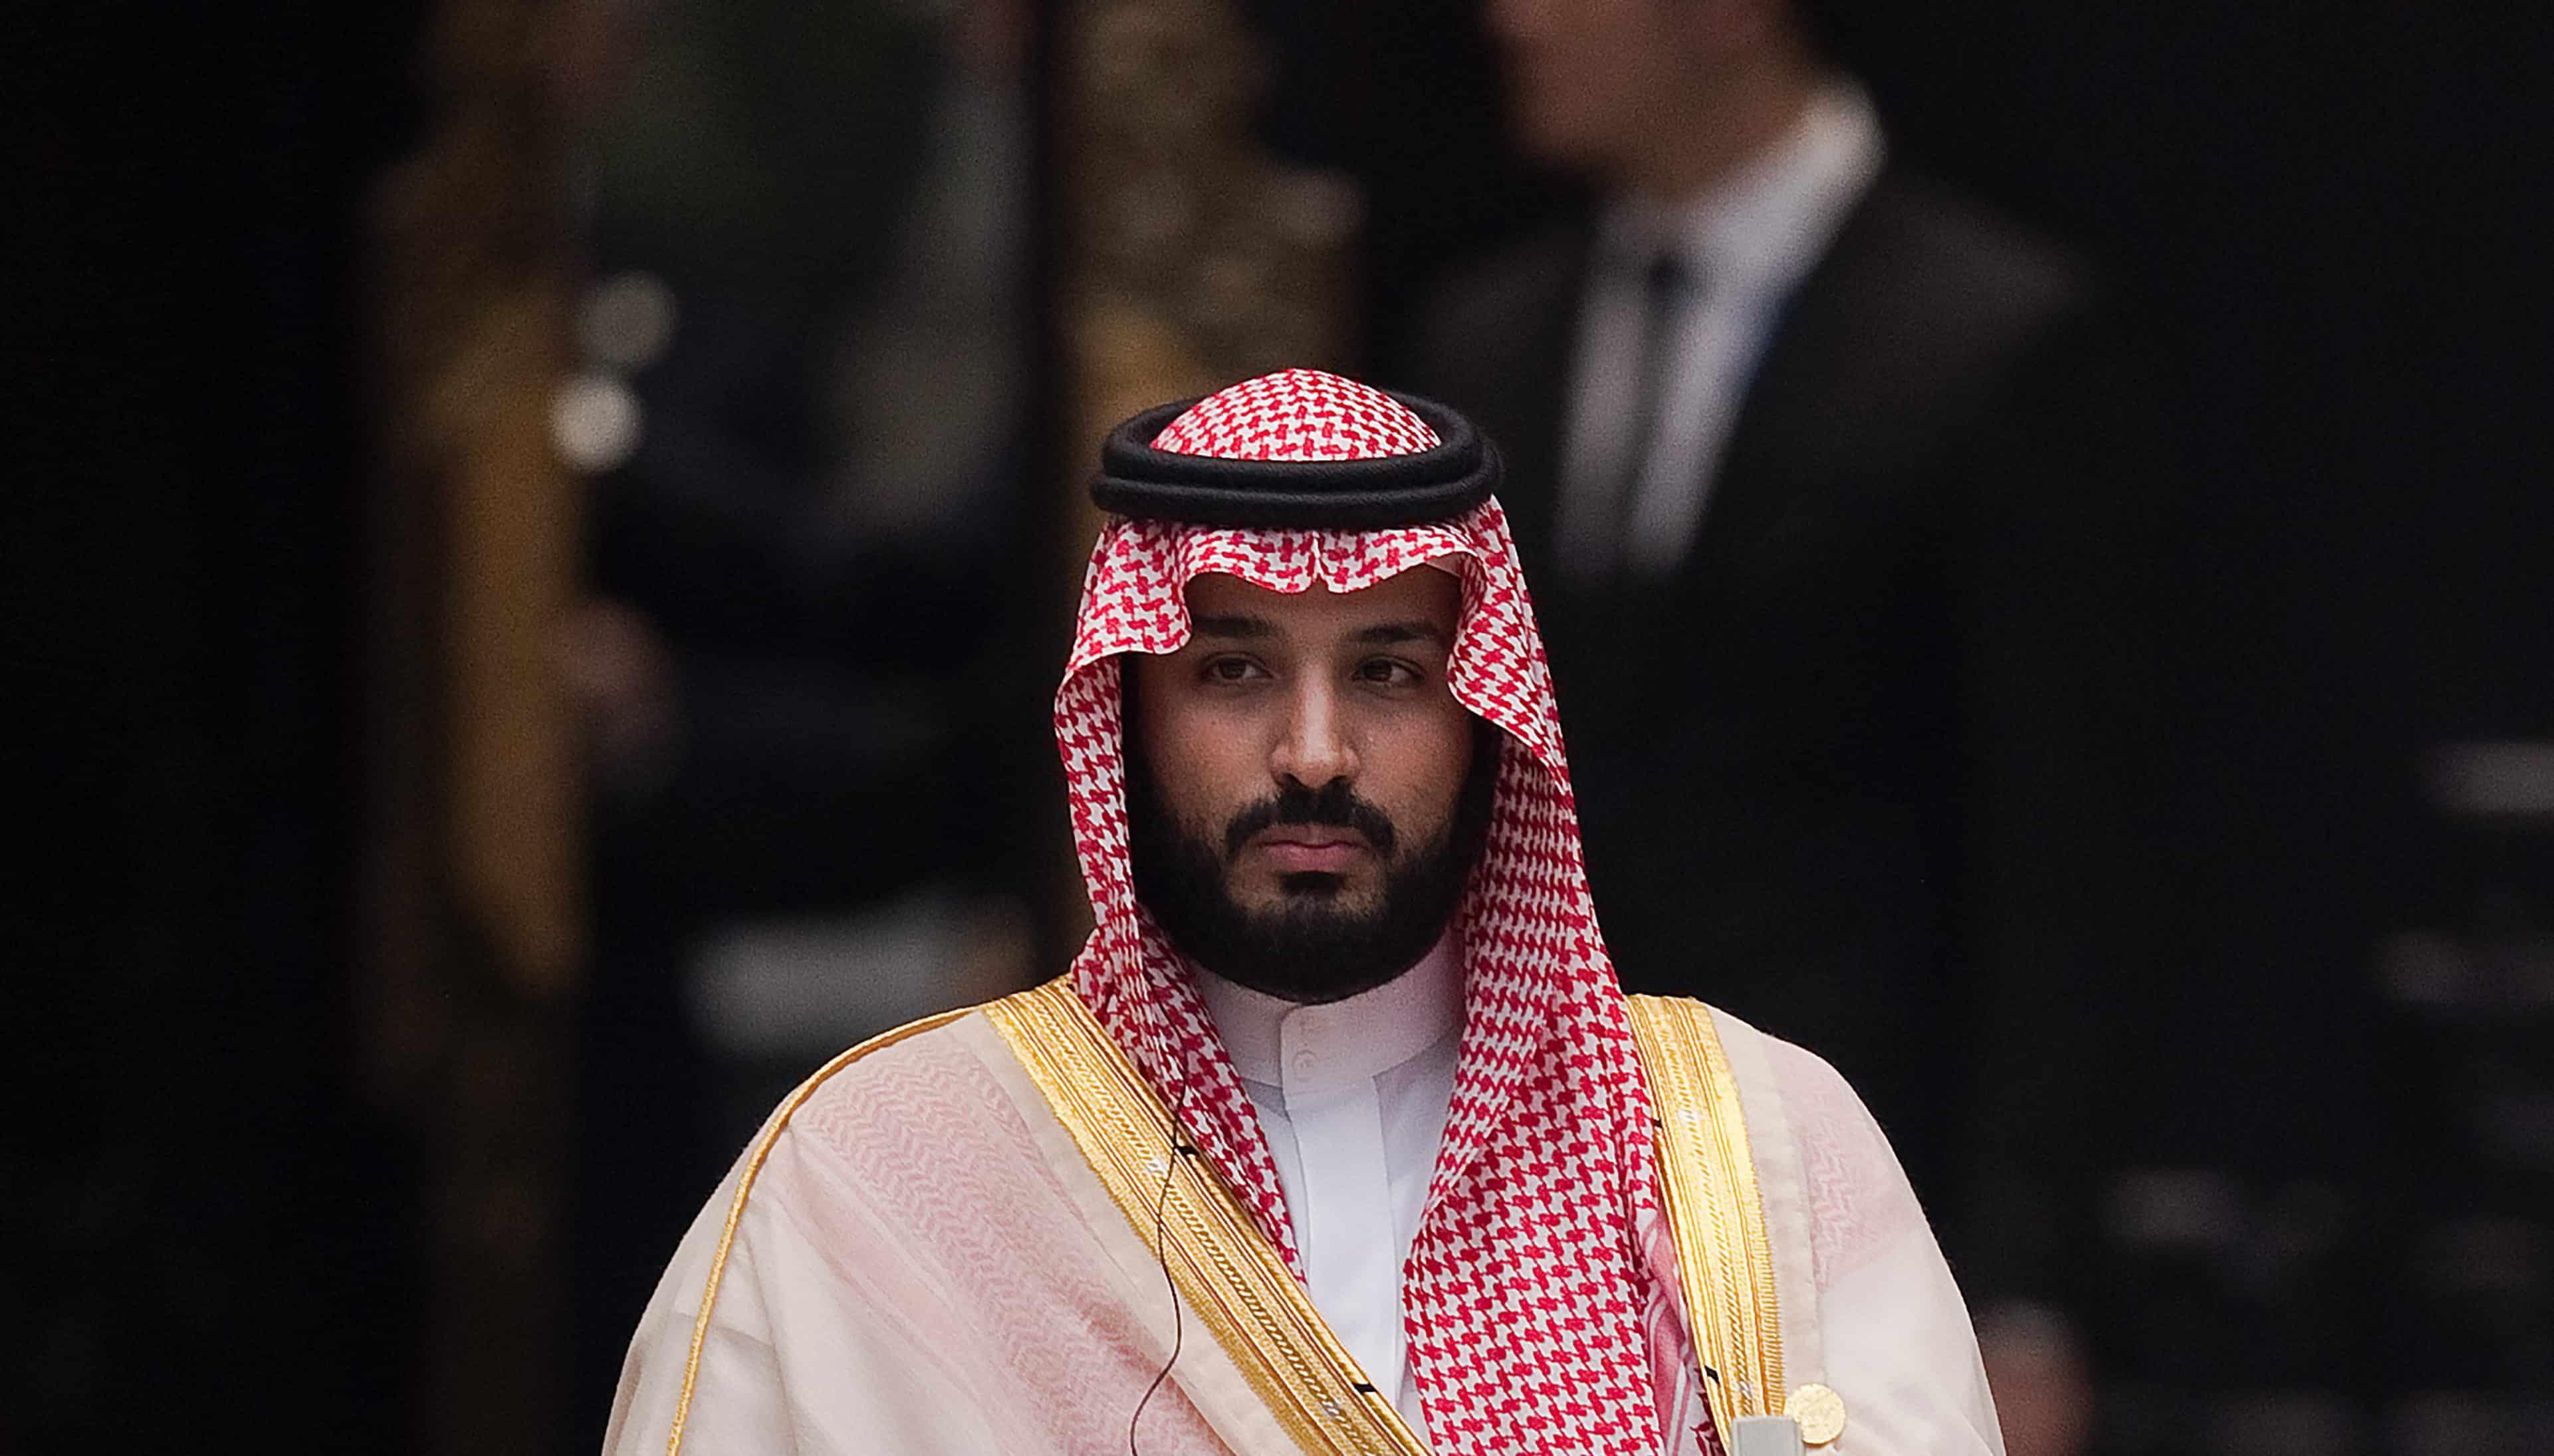 مجتهد يكشف عن وصول بيرقدار إلى الطائف وتخوف محمد بن سلمان من انقلاب أمراء آل سعود